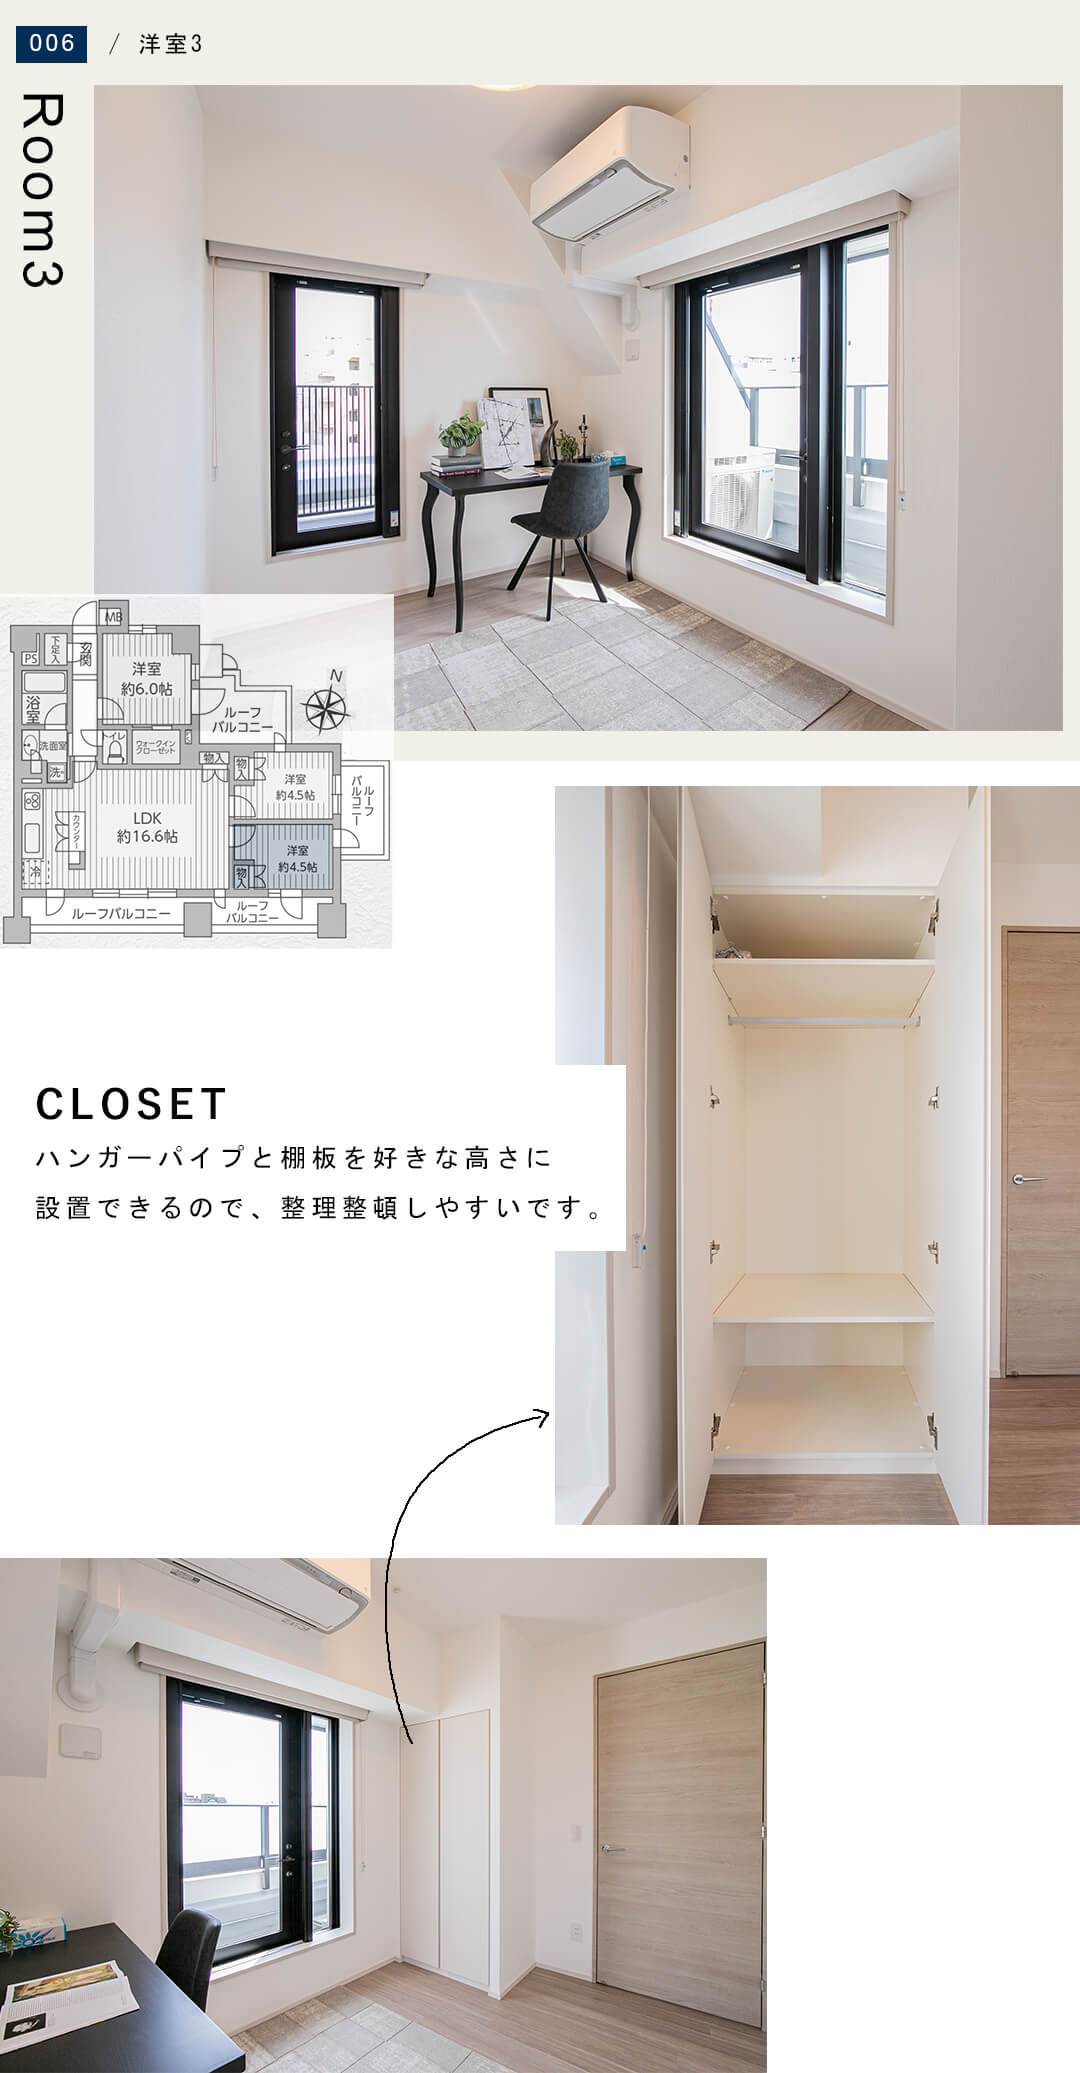 ピアース阿佐ヶ谷の洋室